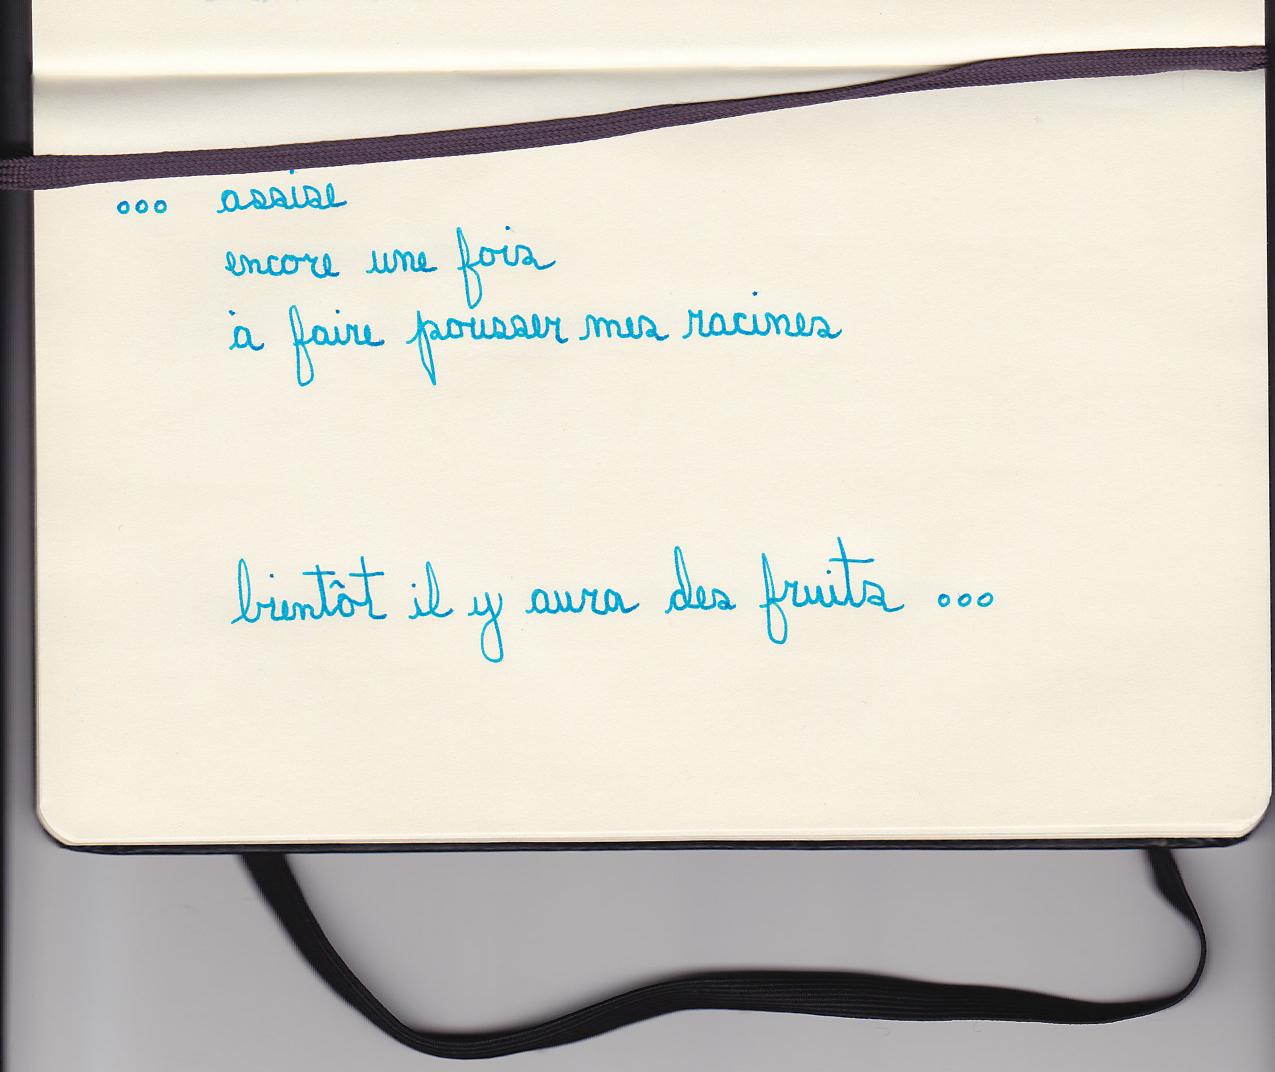 diane-dubeau-journal-d-atelier-reflexions-assises